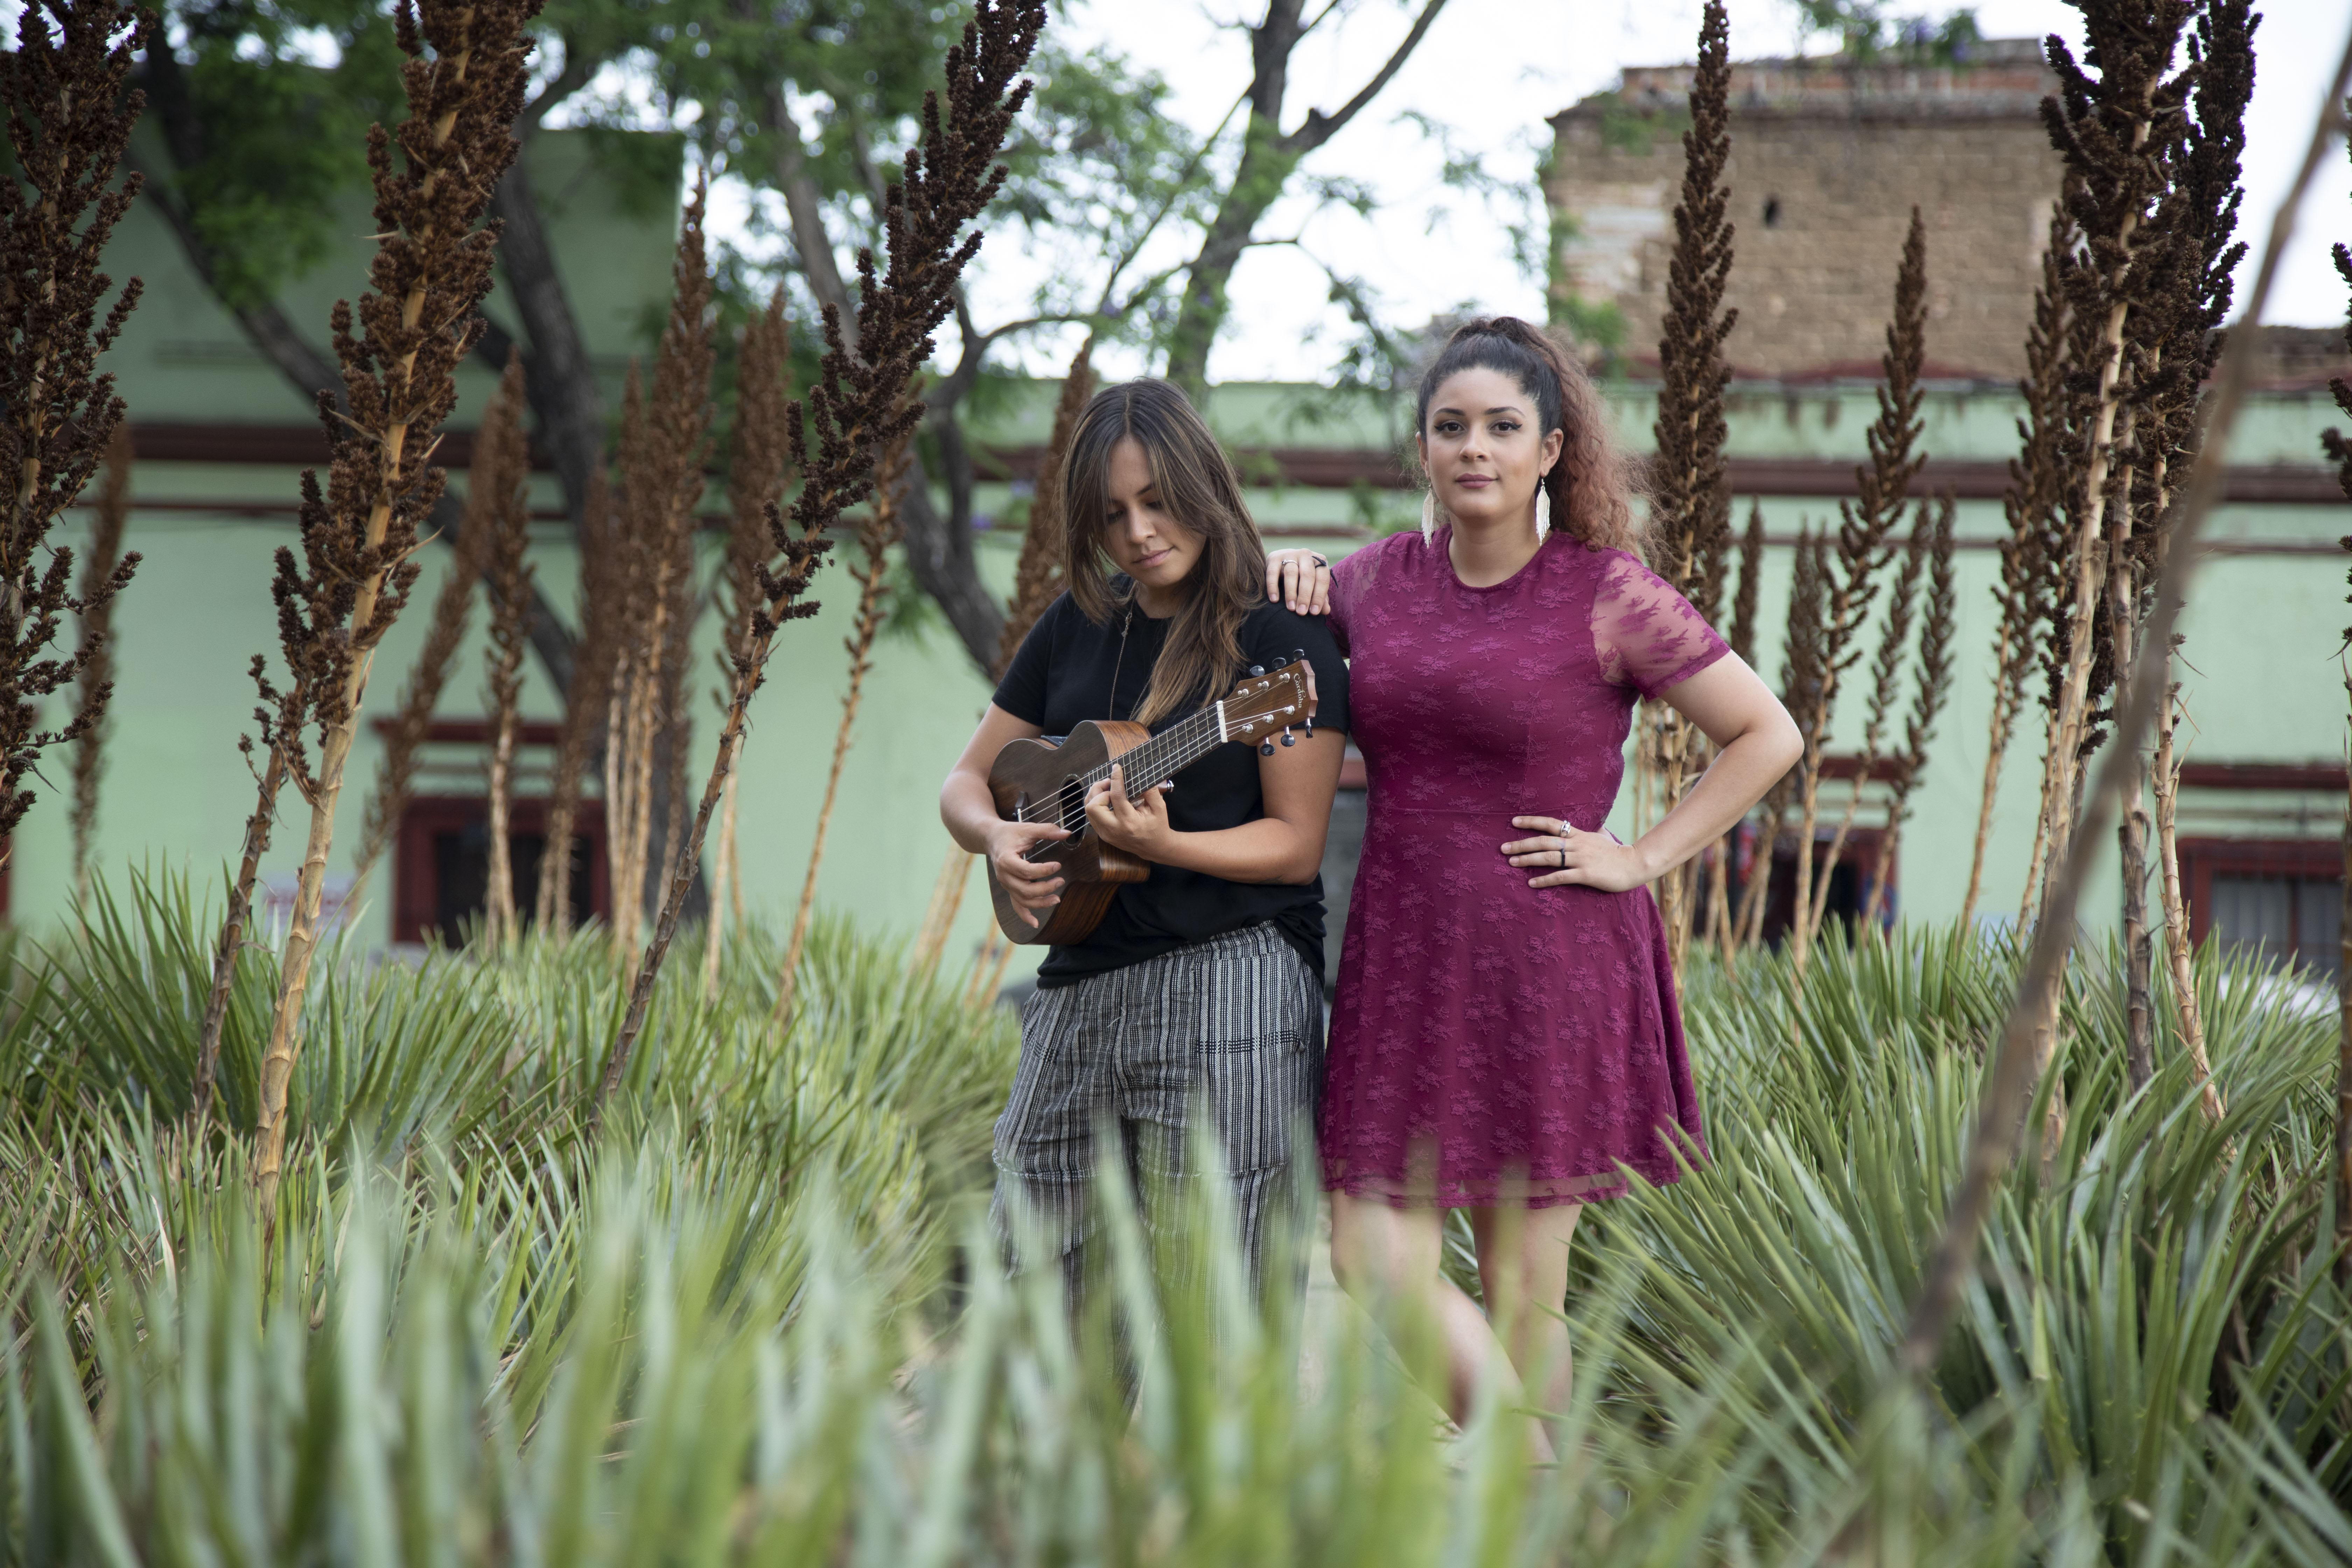 Silvia & Karmen